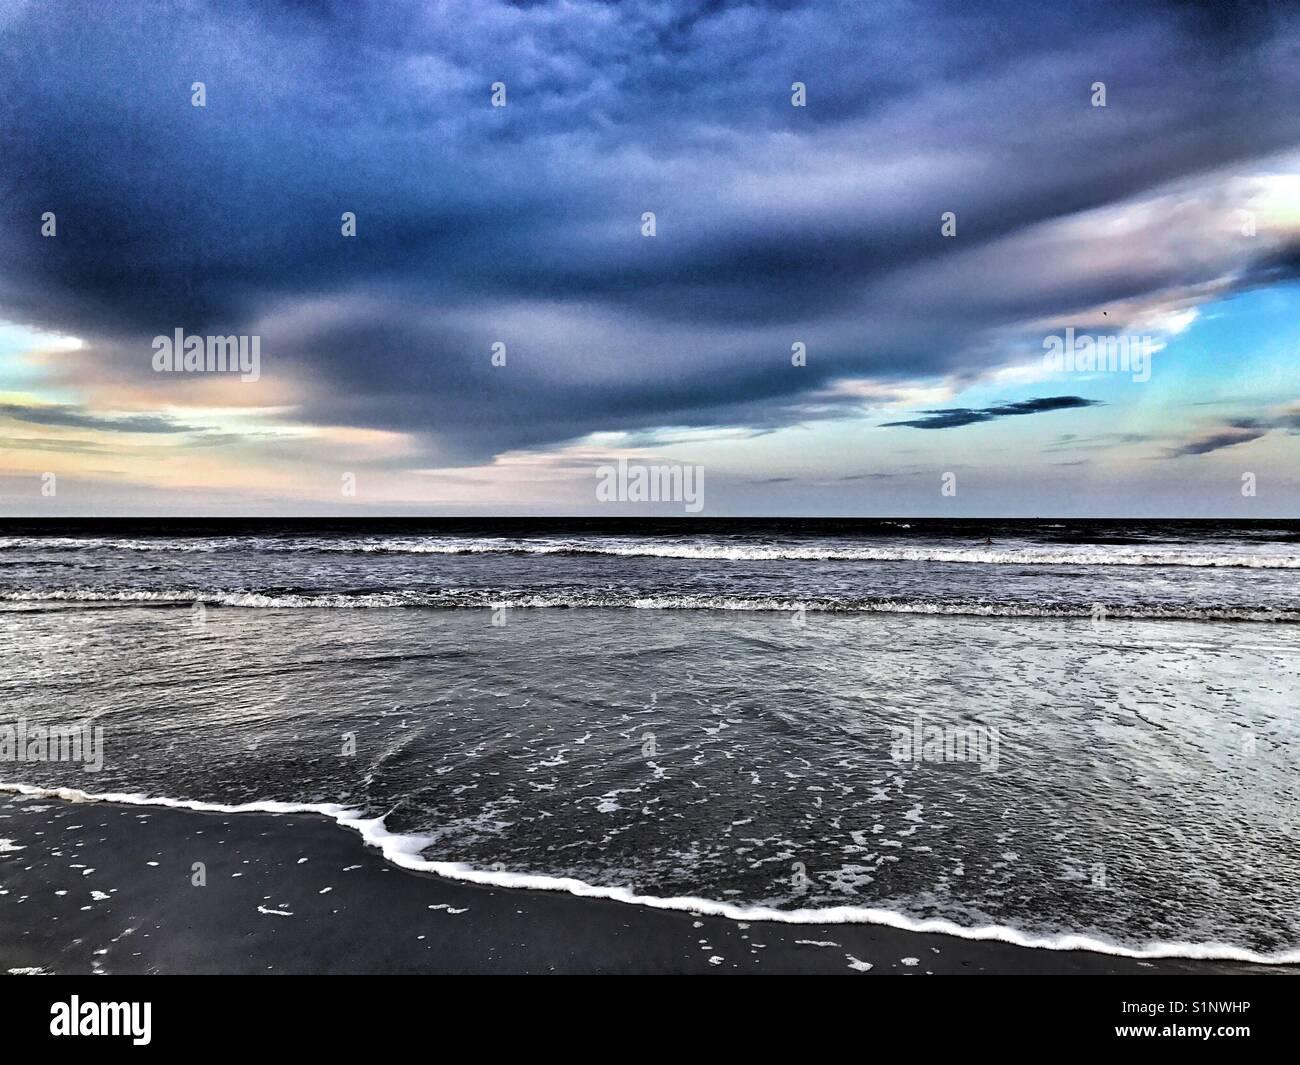 Bord de l'océan avec nuages spectaculaires au coucher du soleil Photo Stock